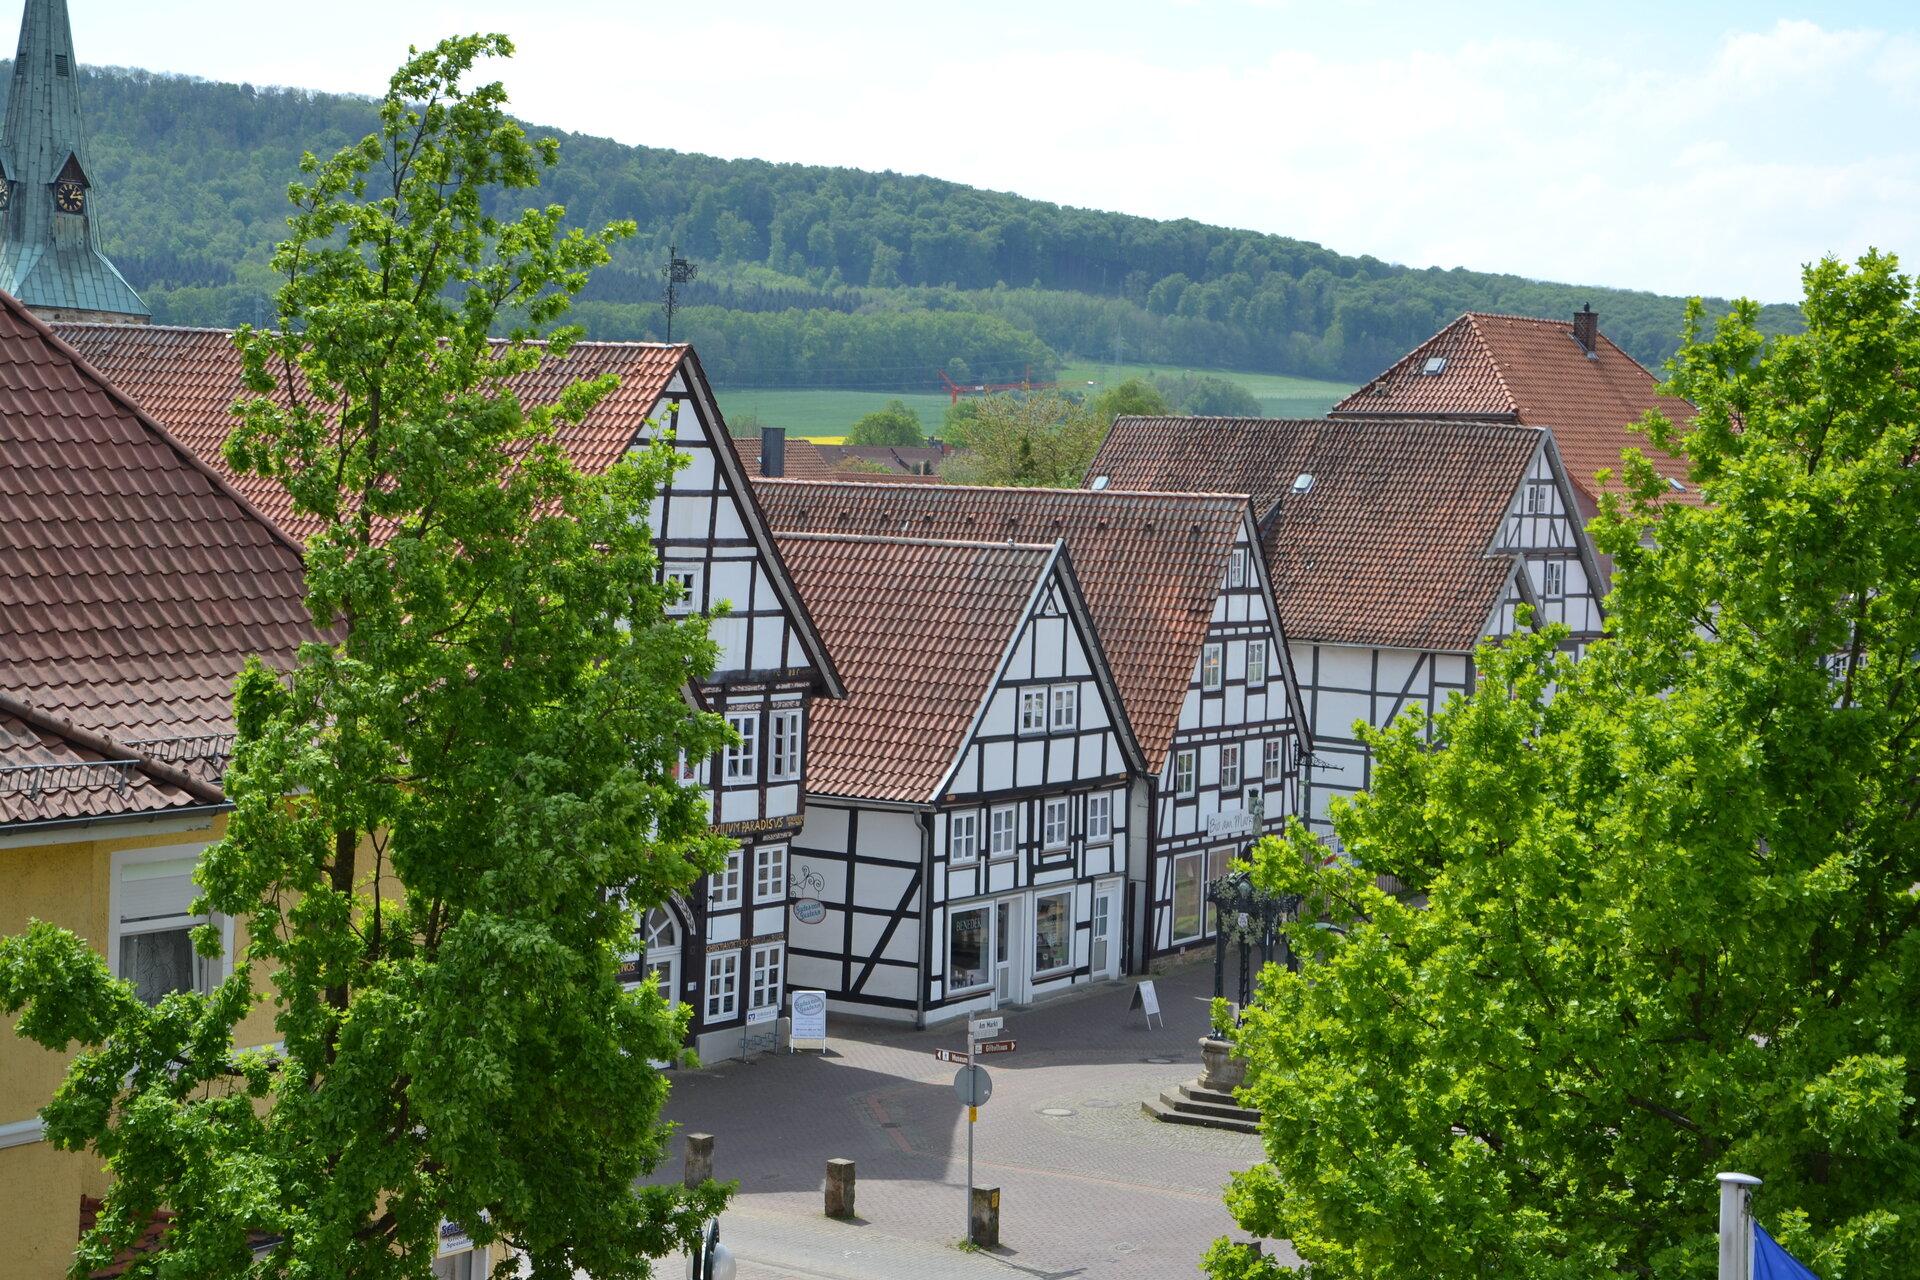 Altstadt Springe